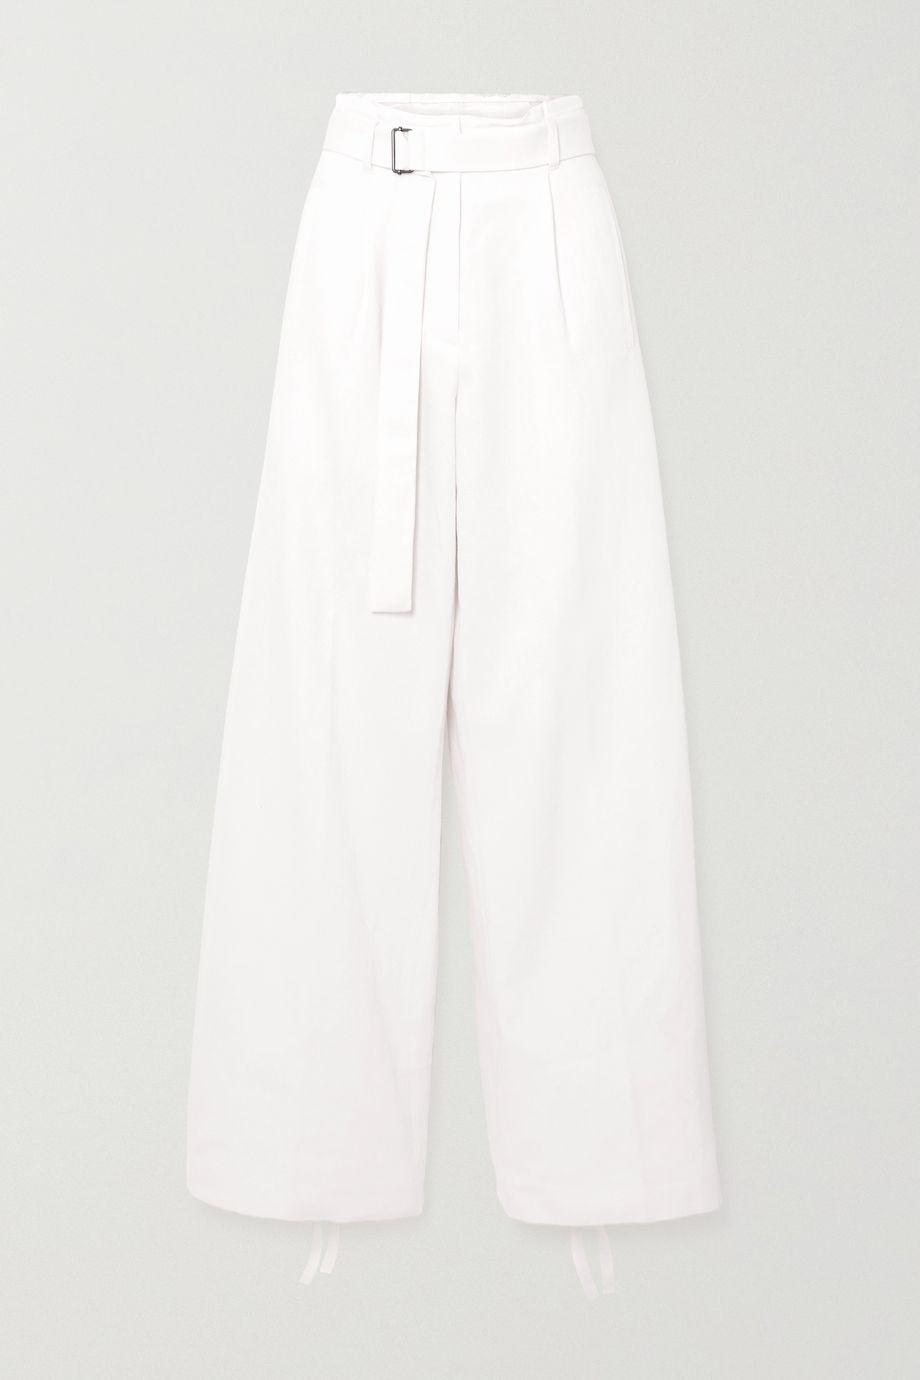 Ann Demeulemeester Cotton and linen-blend twill pants